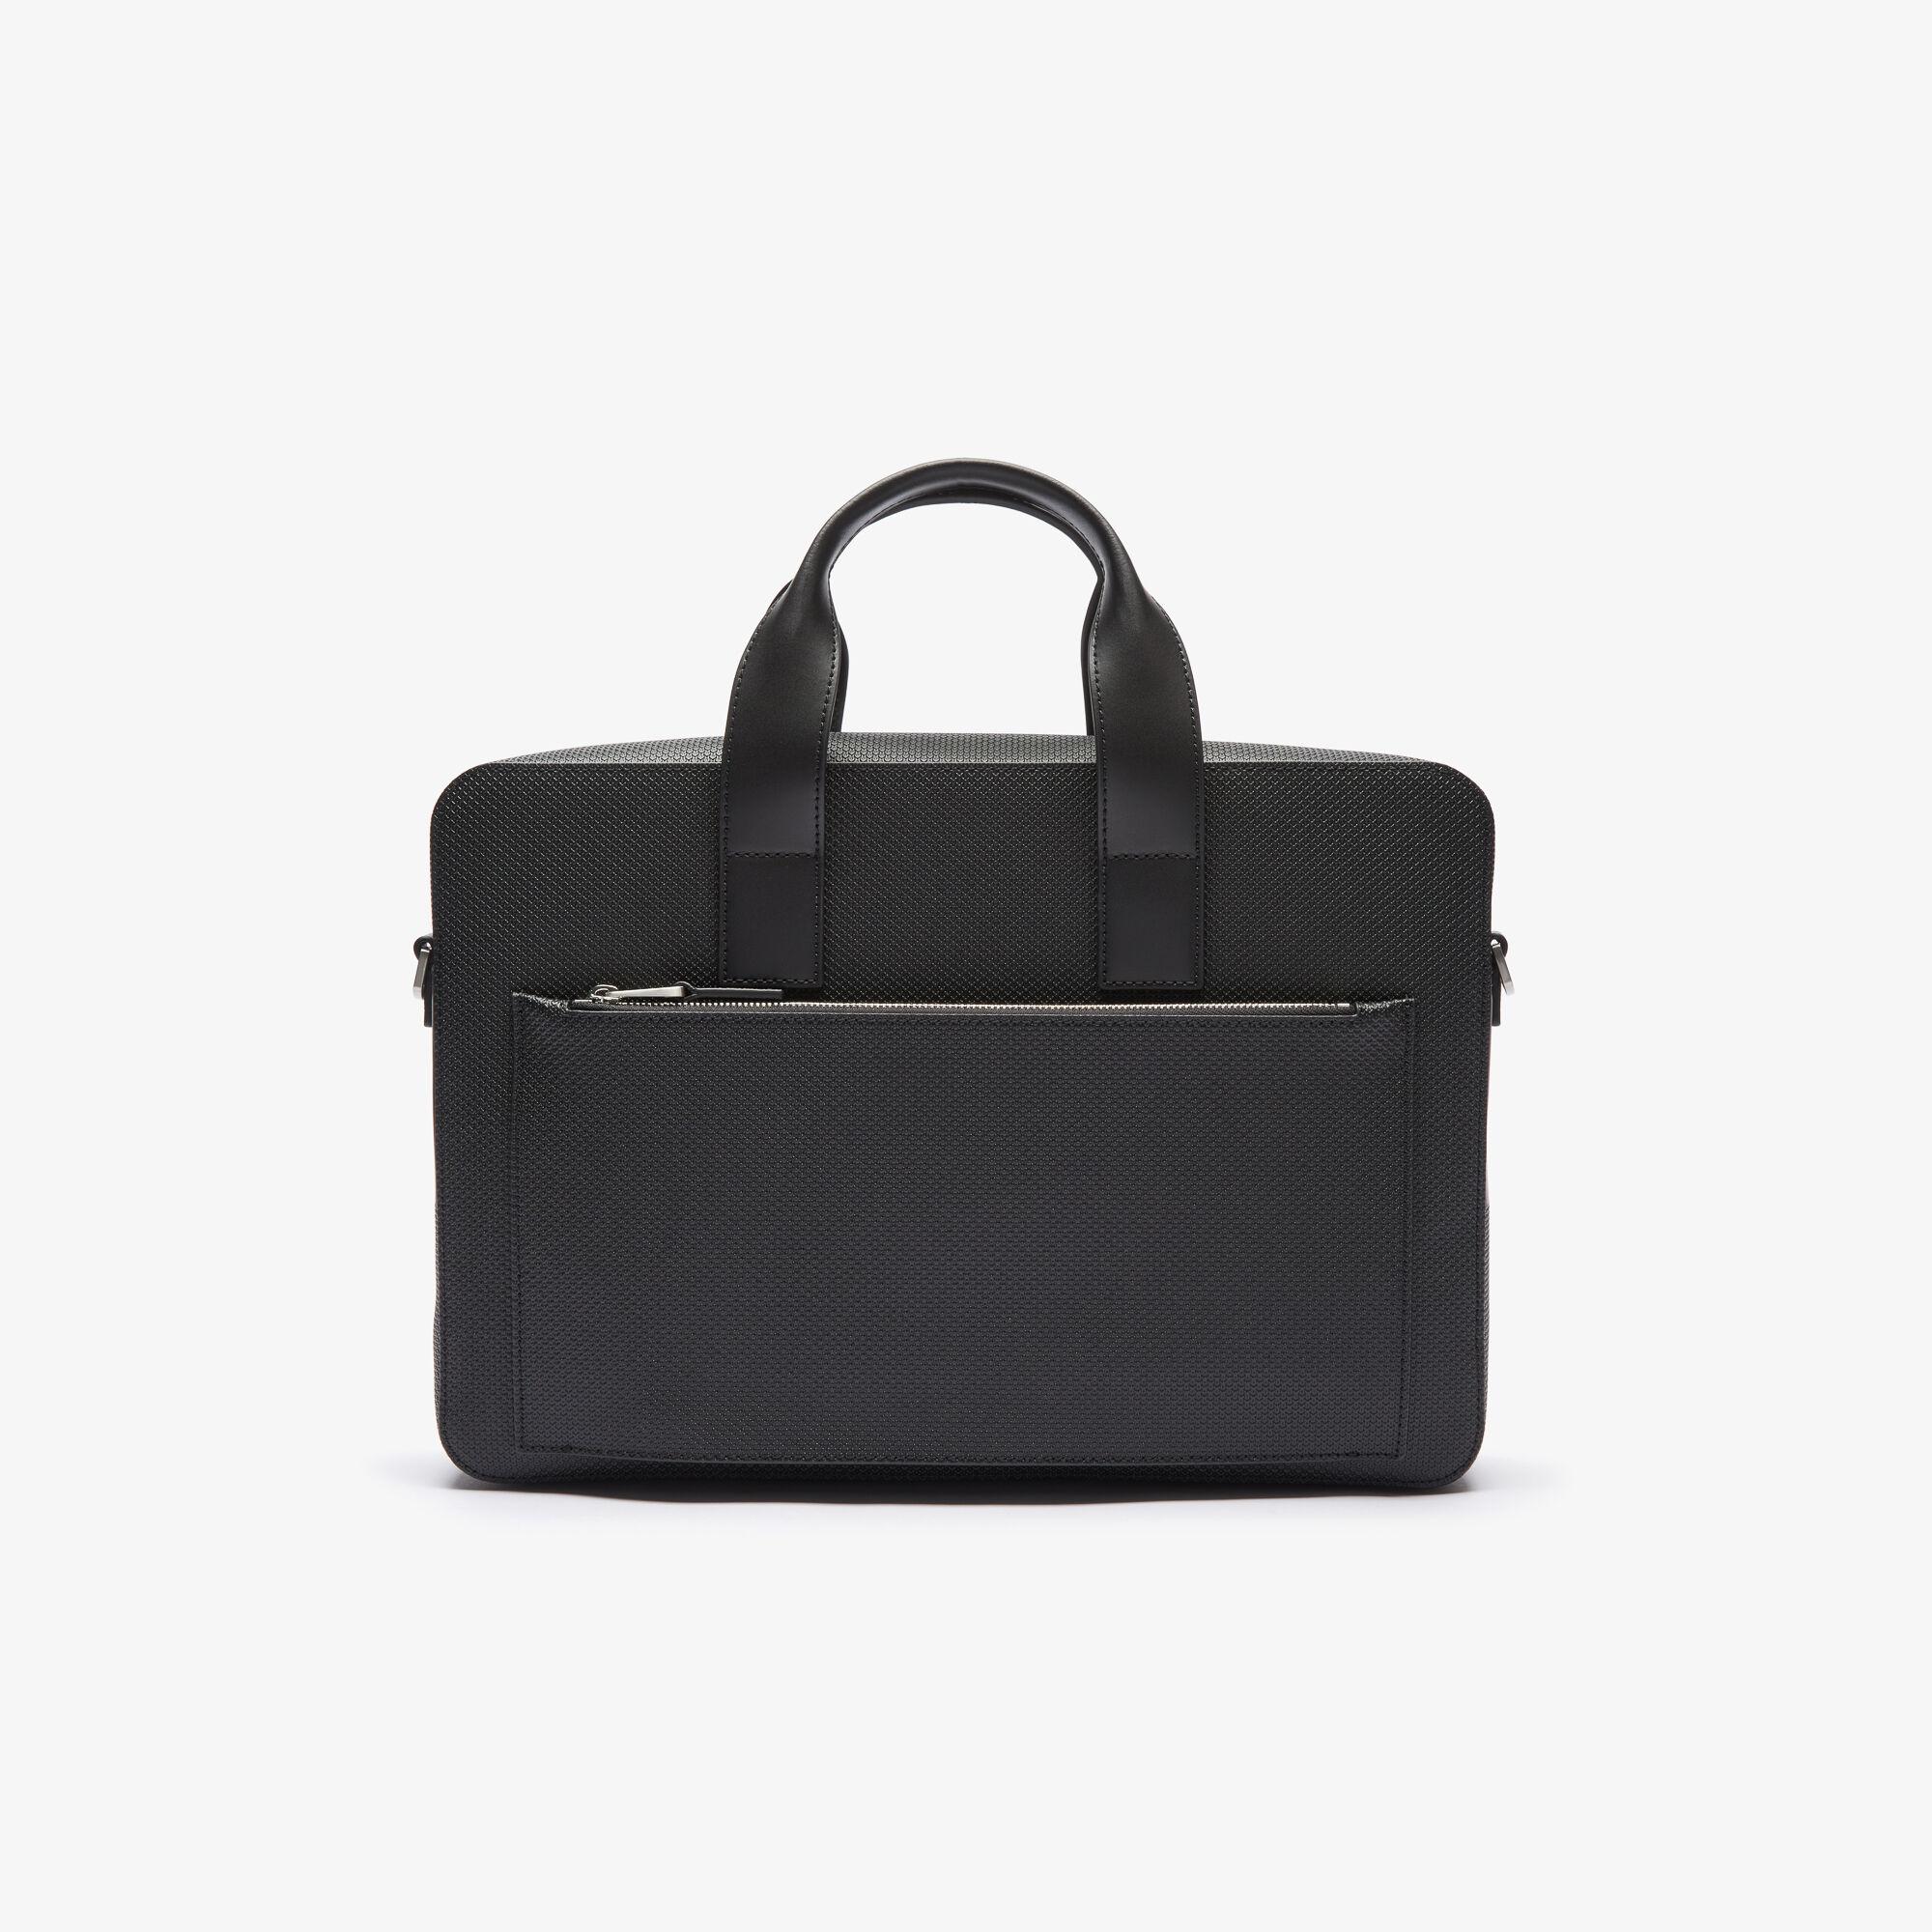 حقيبة كمبيوتر من جلد البيكيه غير اللامع مجموعة Chantaco للرجال